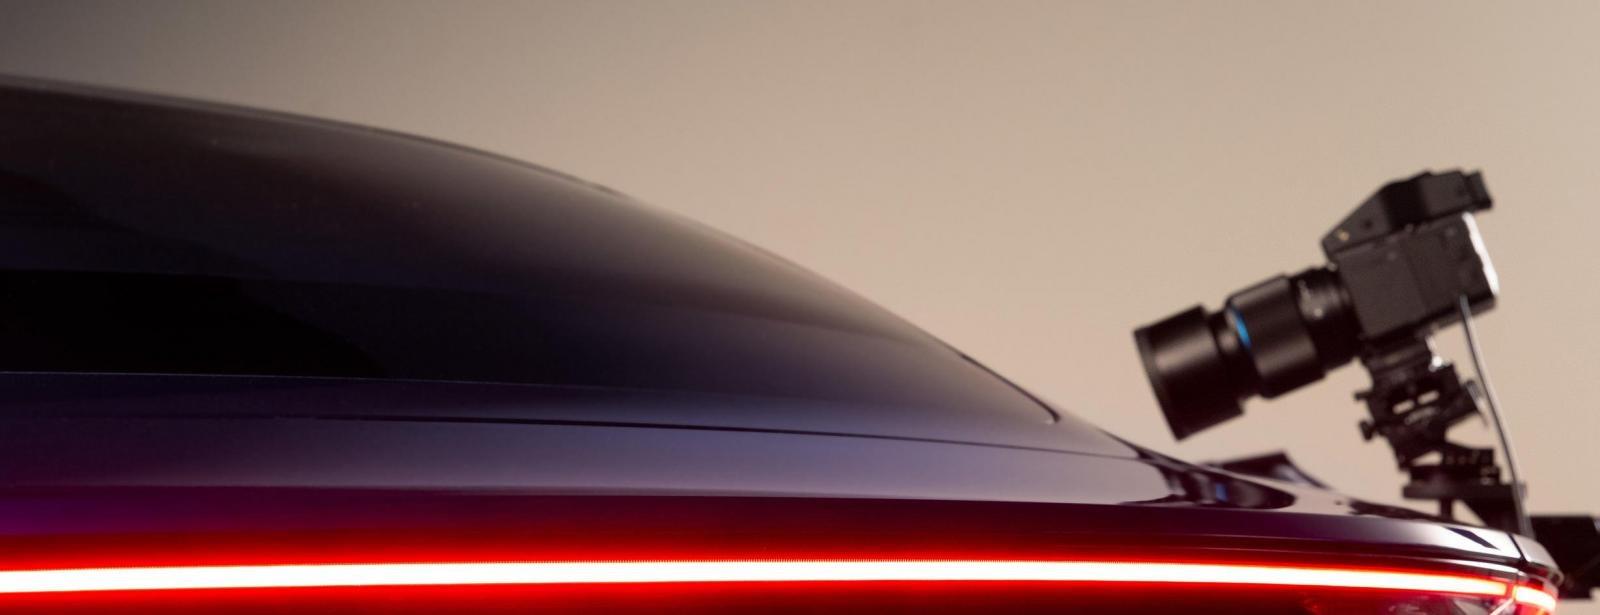 Đèn hậu dạng thanh ngang của Porsche Taycan.